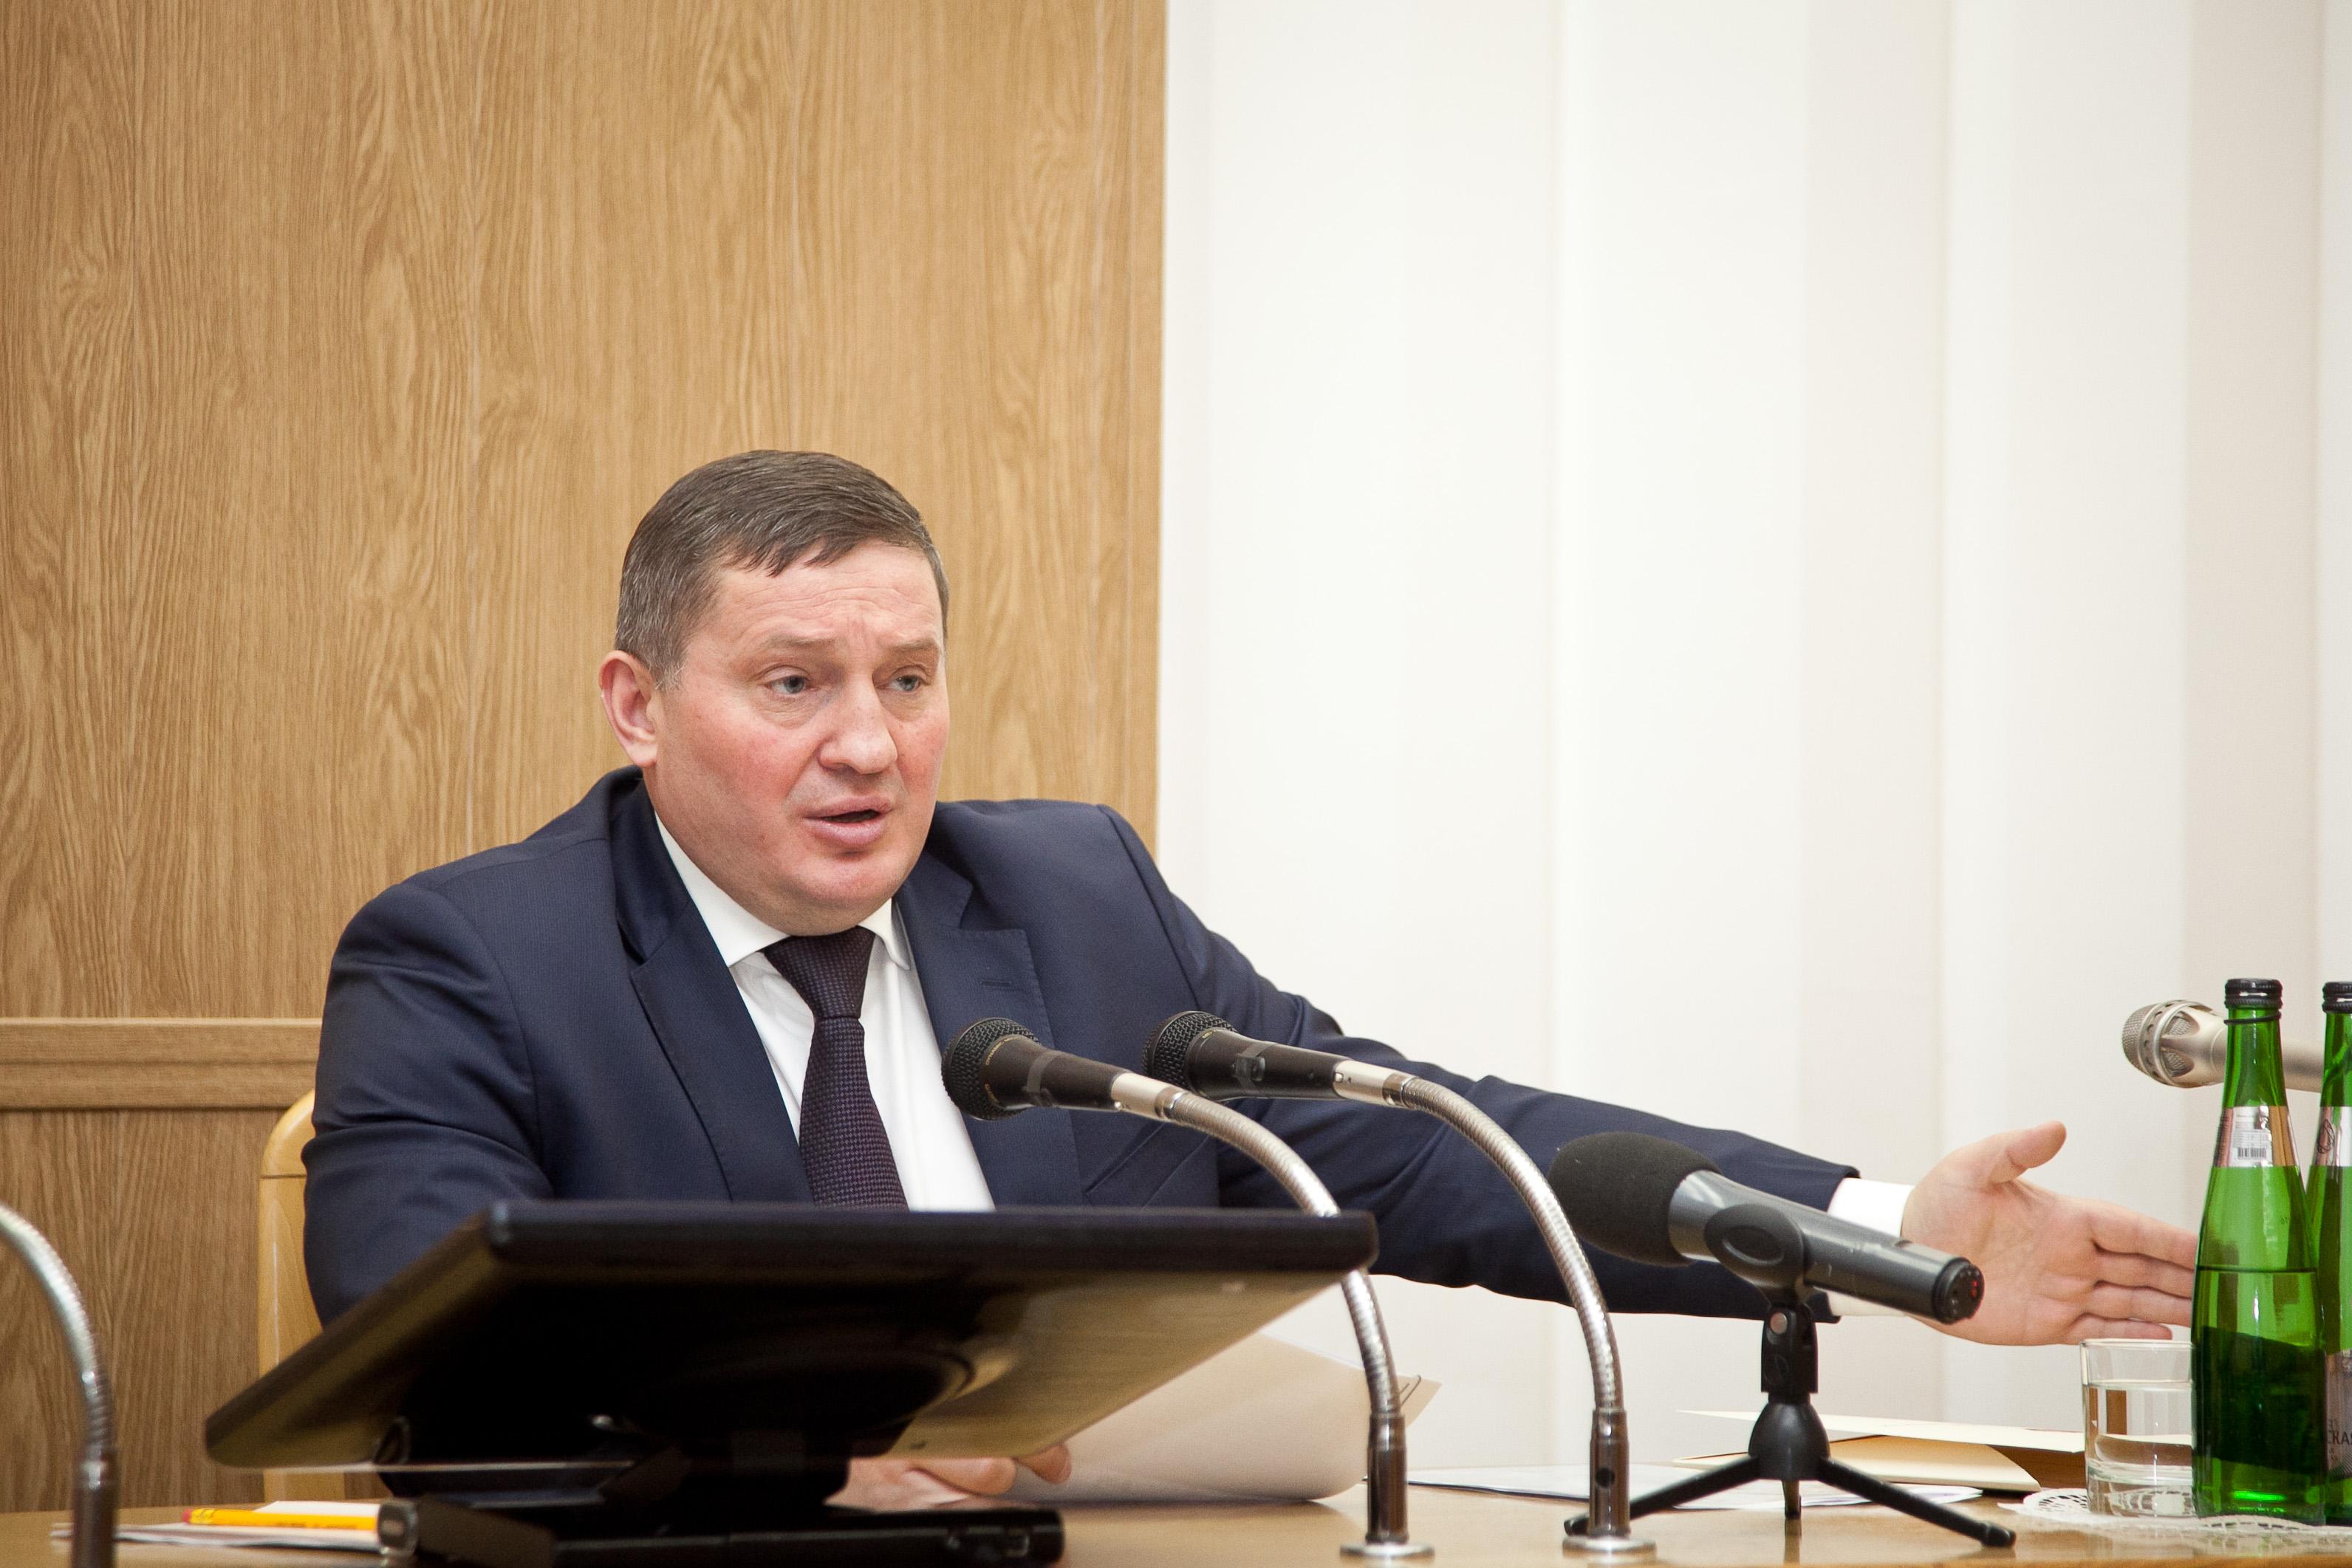 Последние новости Волгограда и Волгоградской области сегодня